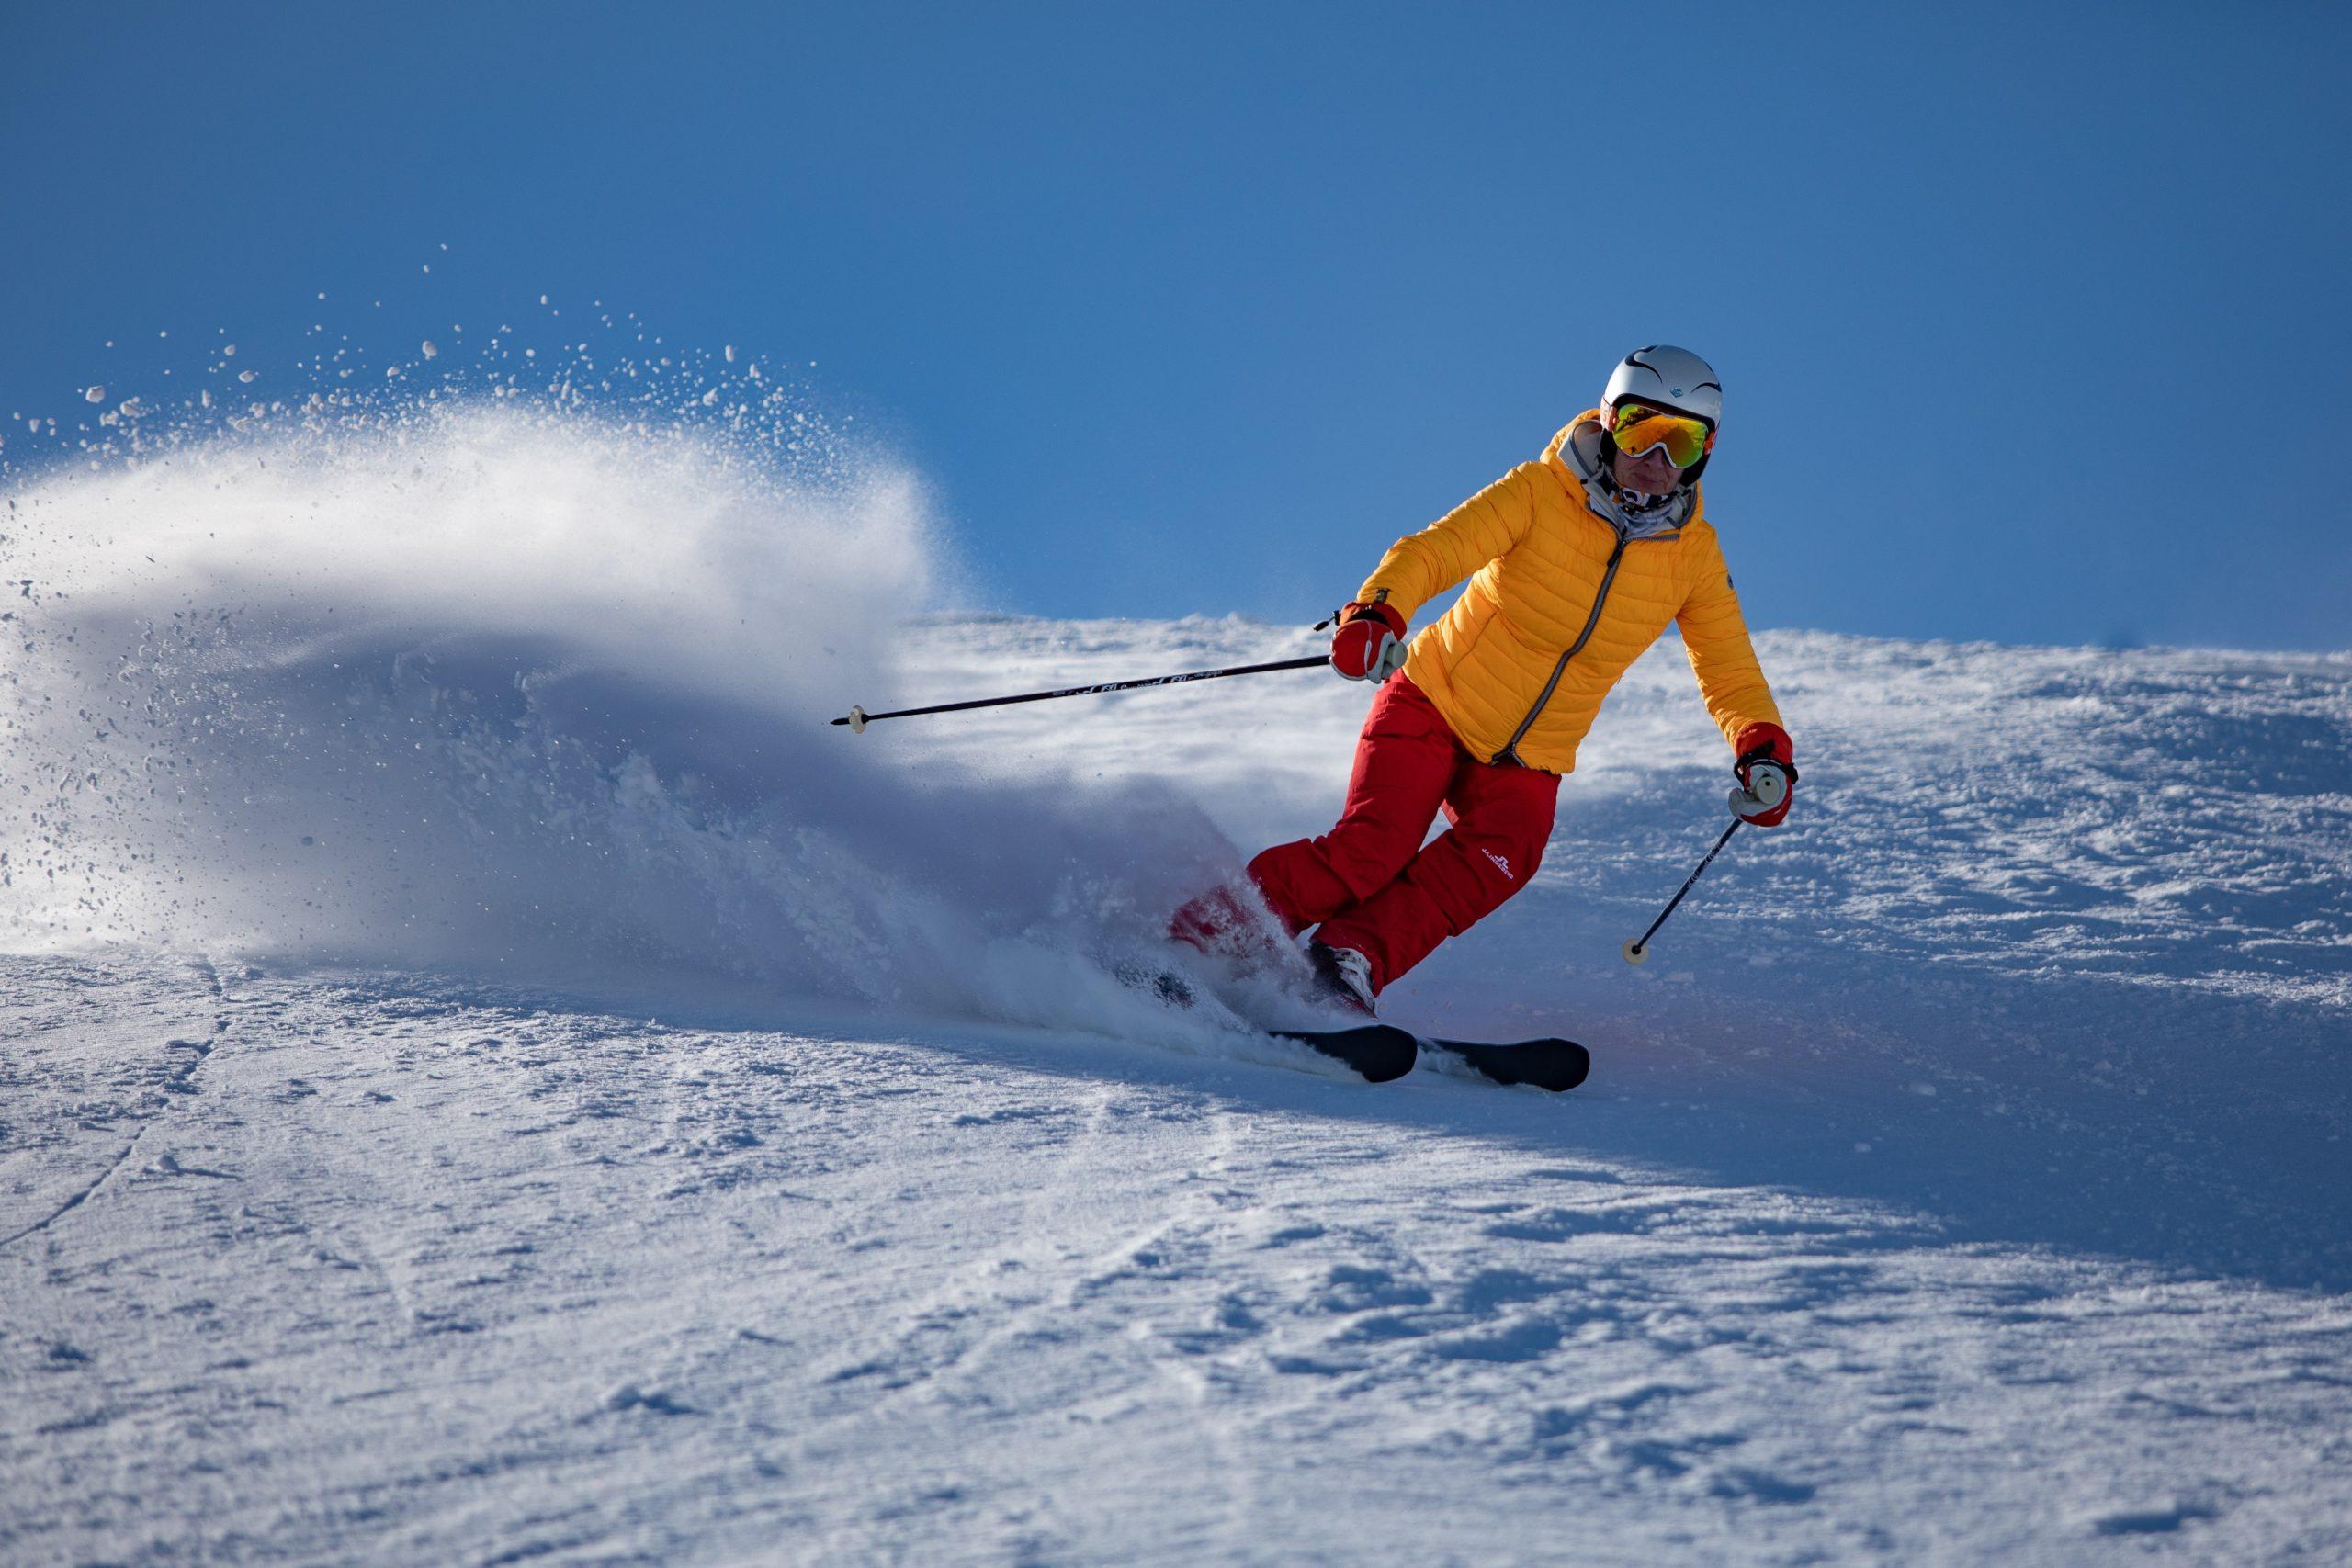 Les 3 meilleurs exercices pour préparer sa semaine au ski